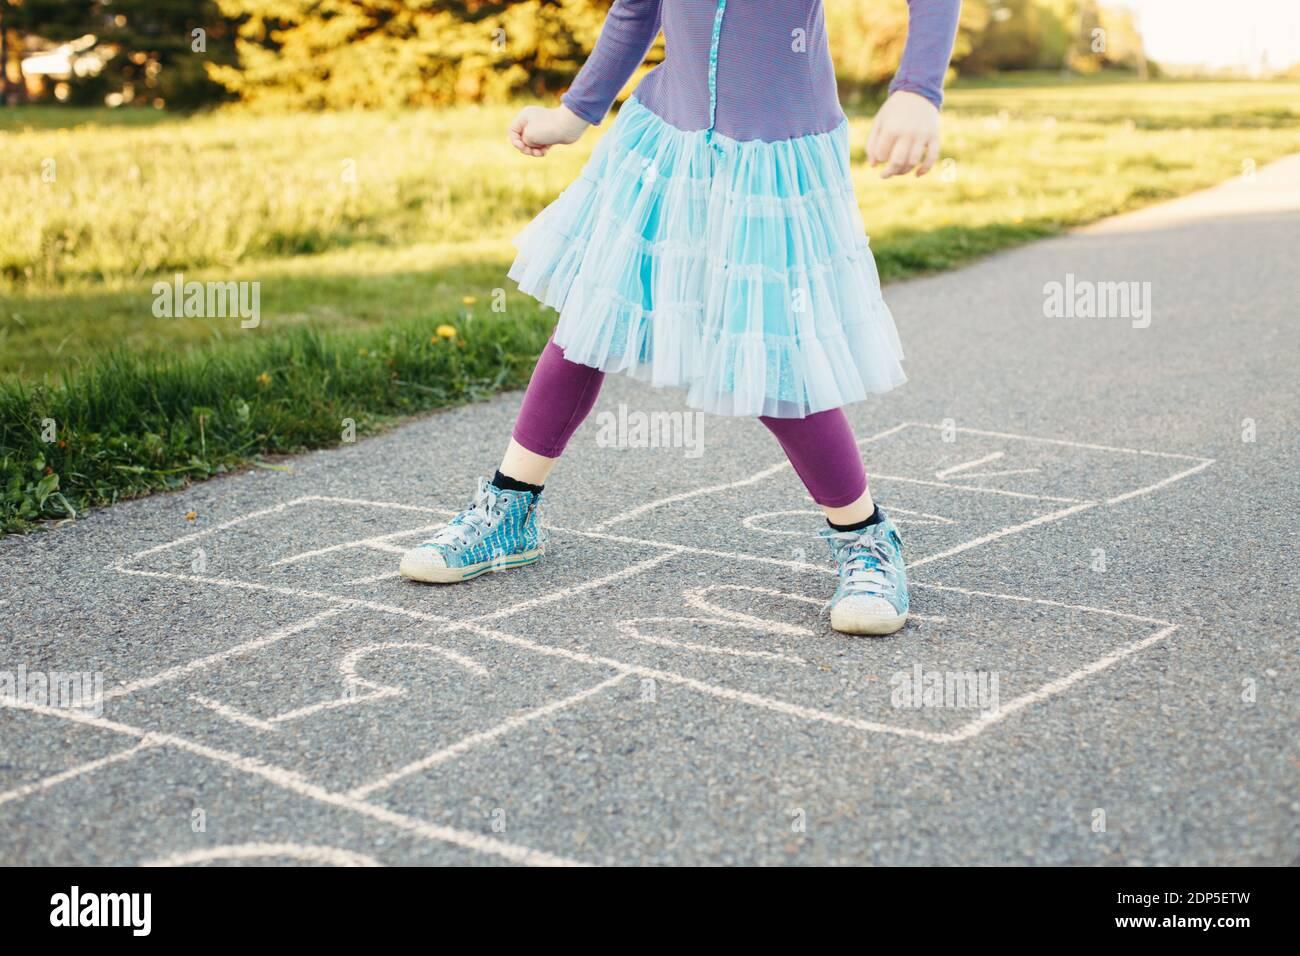 Gros plan de l'enfant fille jouant saut hopscotch en plein air. Jeu d'activités amusant pour les enfants sur l'aire de jeux à l'extérieur. Sports de rue de cour d'été pour les enfants Banque D'Images